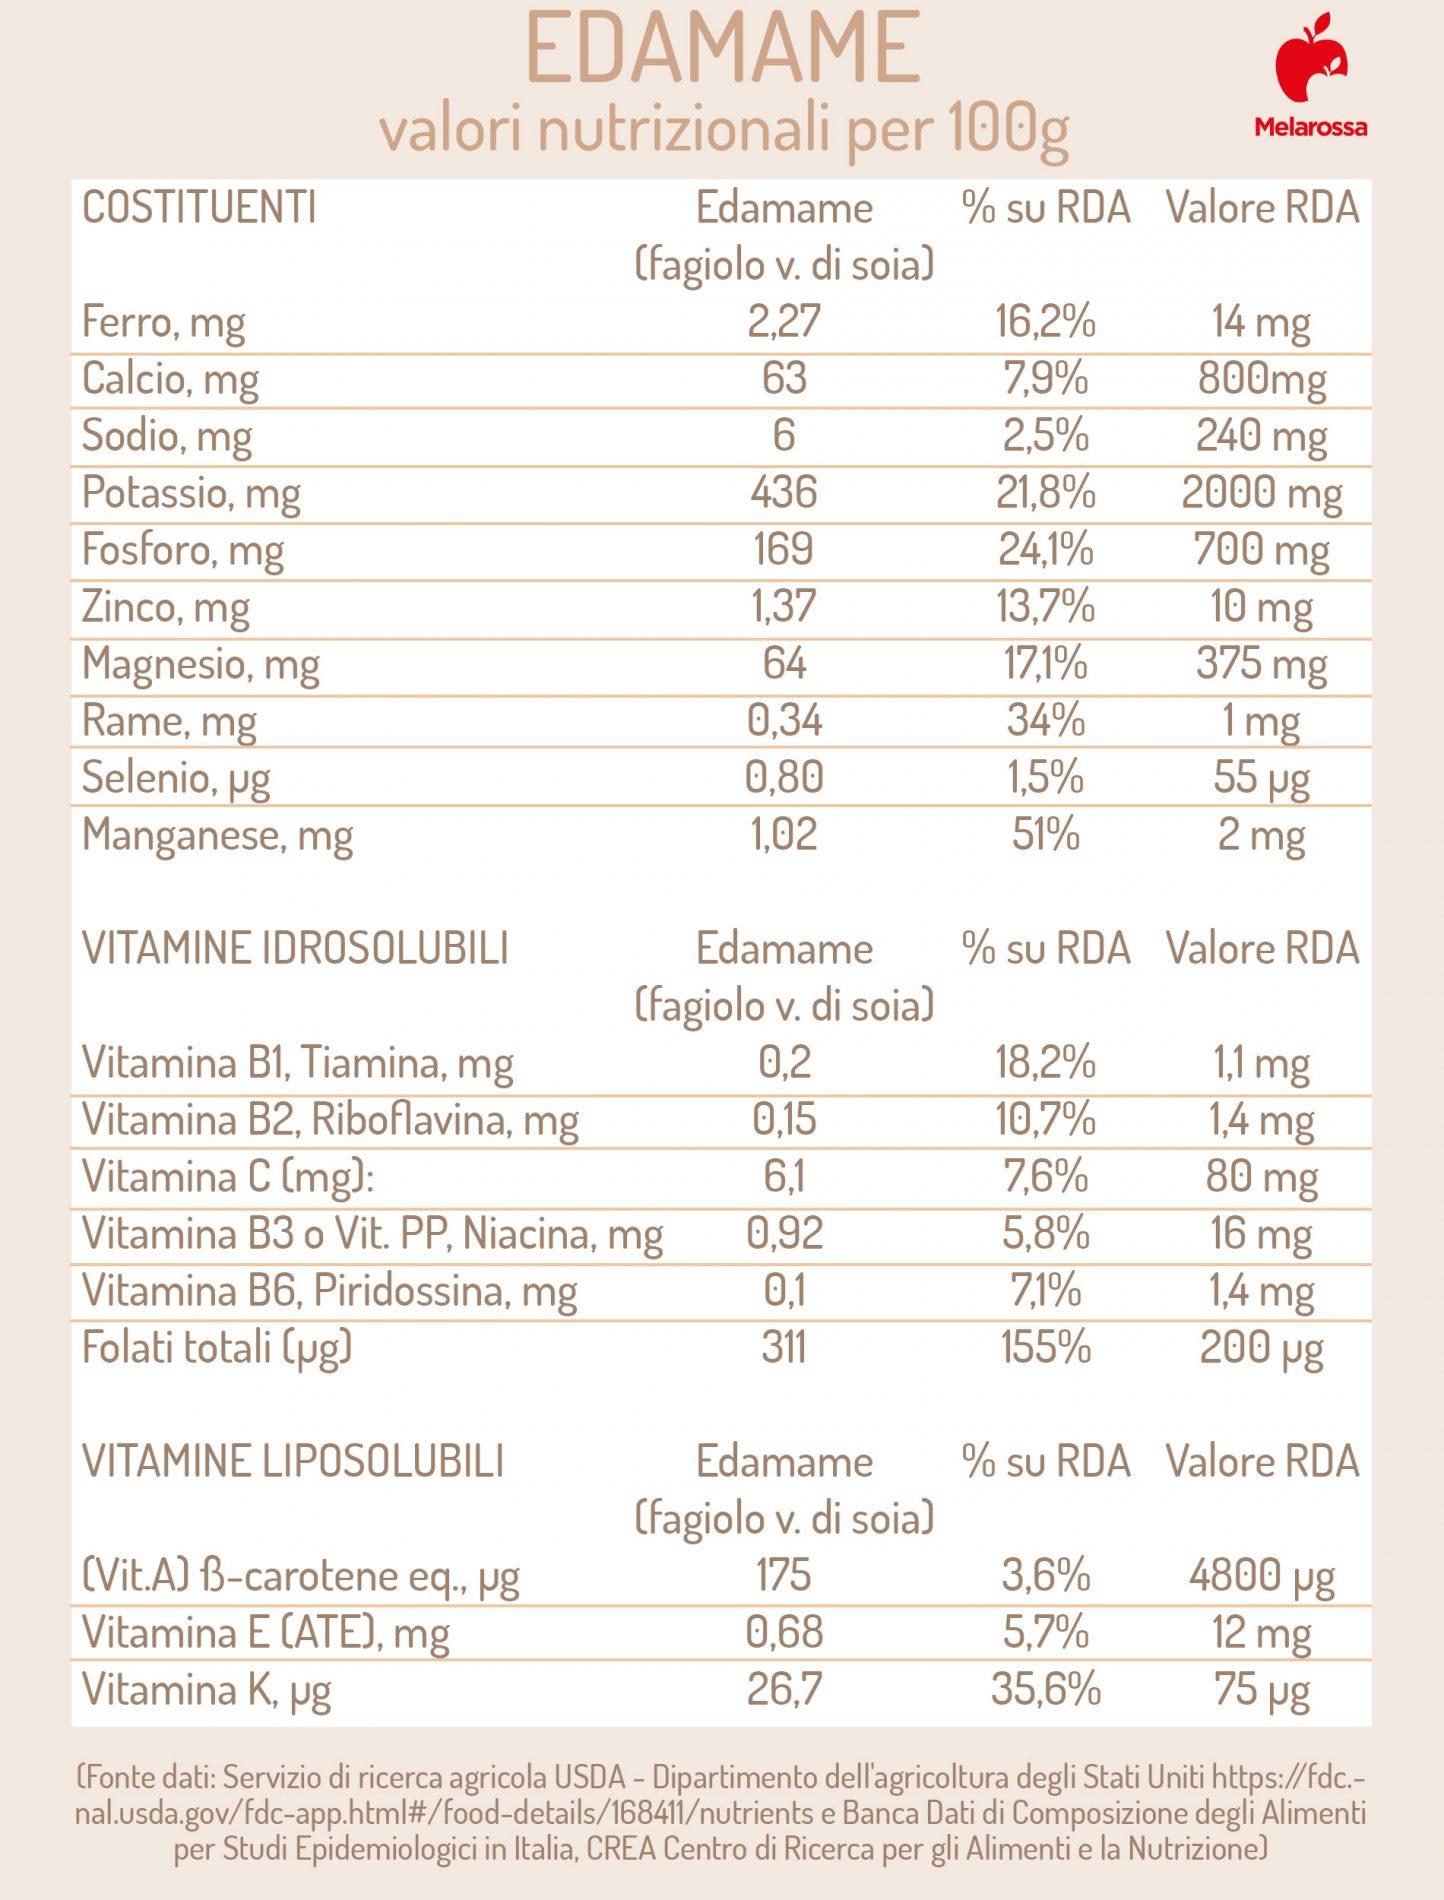 edamame: valori nutrizionali